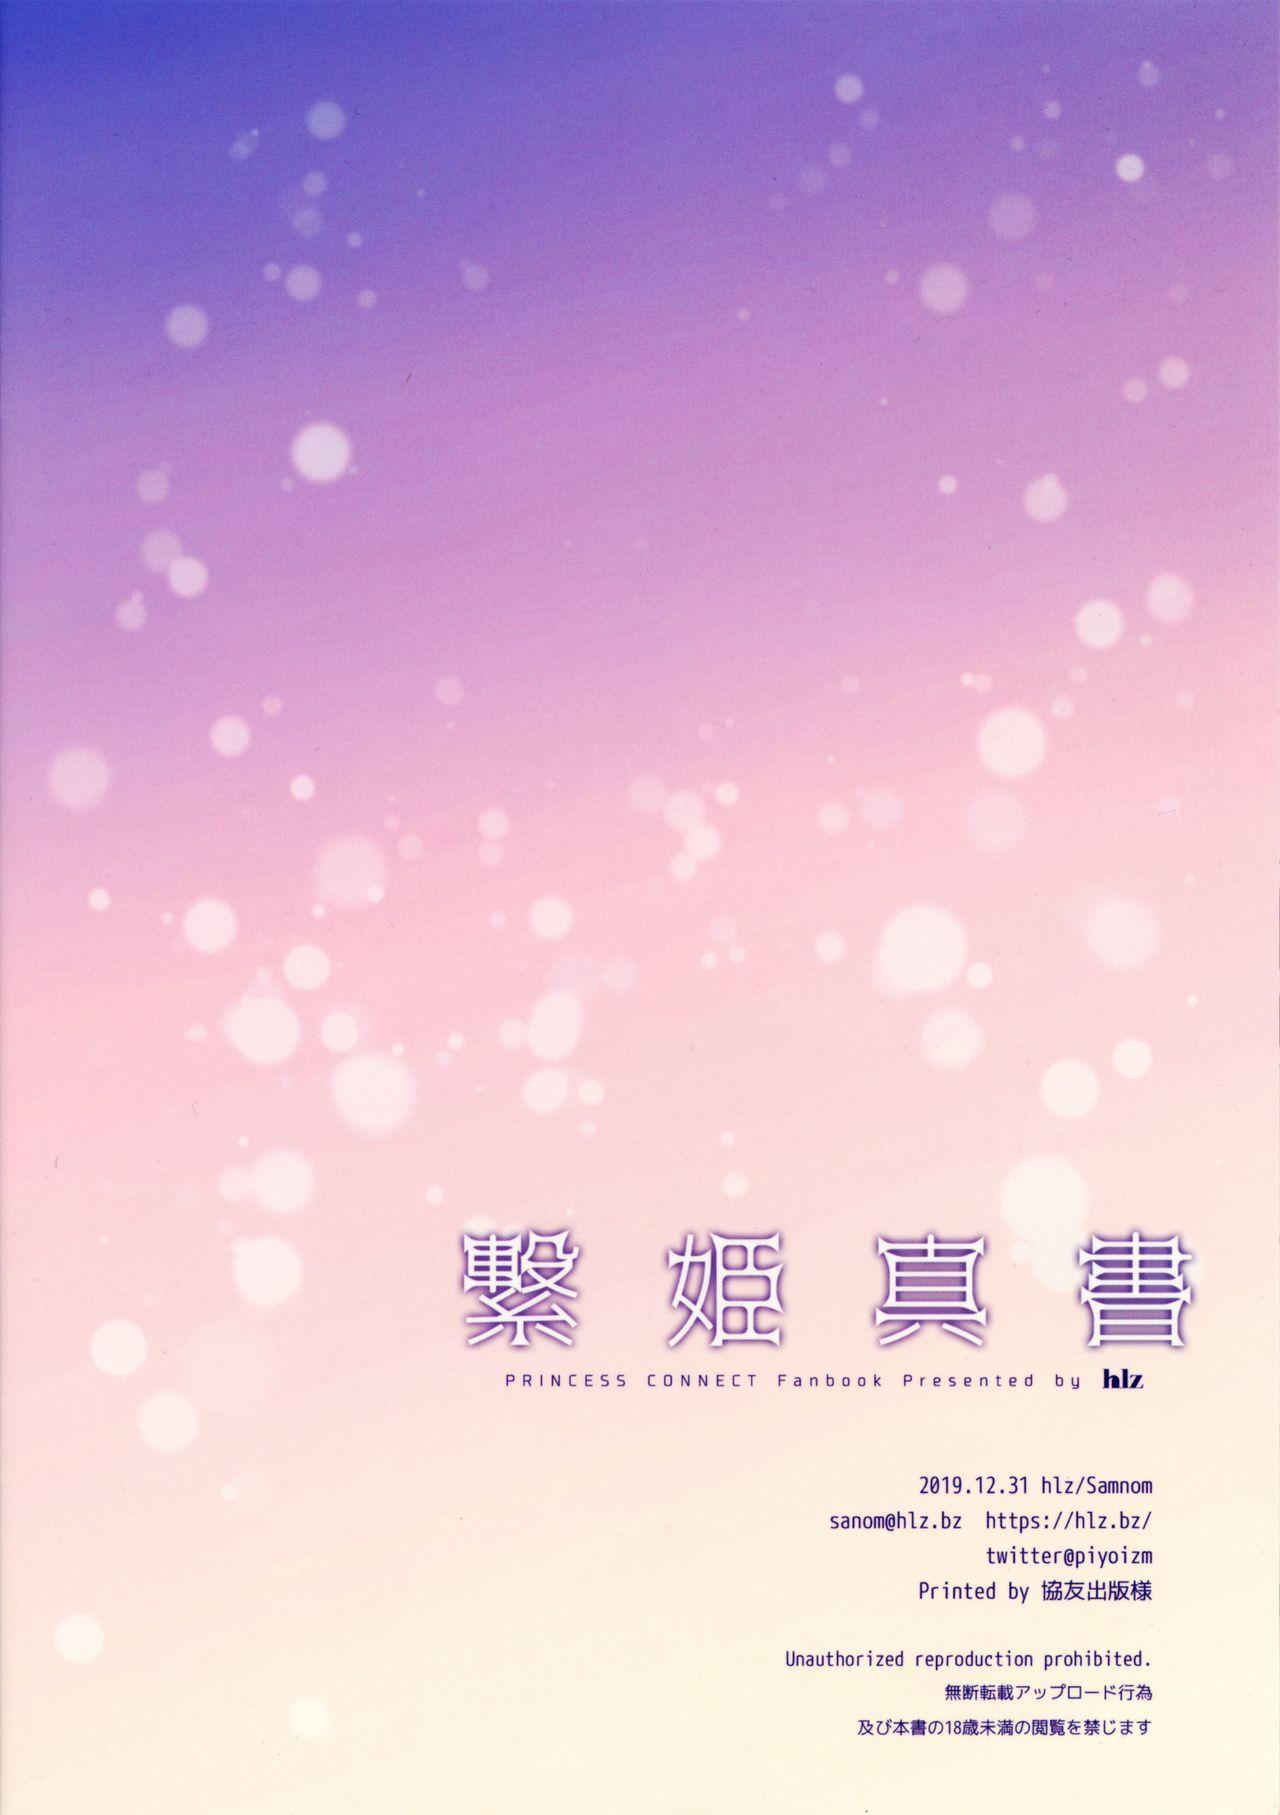 【同人】繋姫真書  ☆【プリンセスコネクト!】